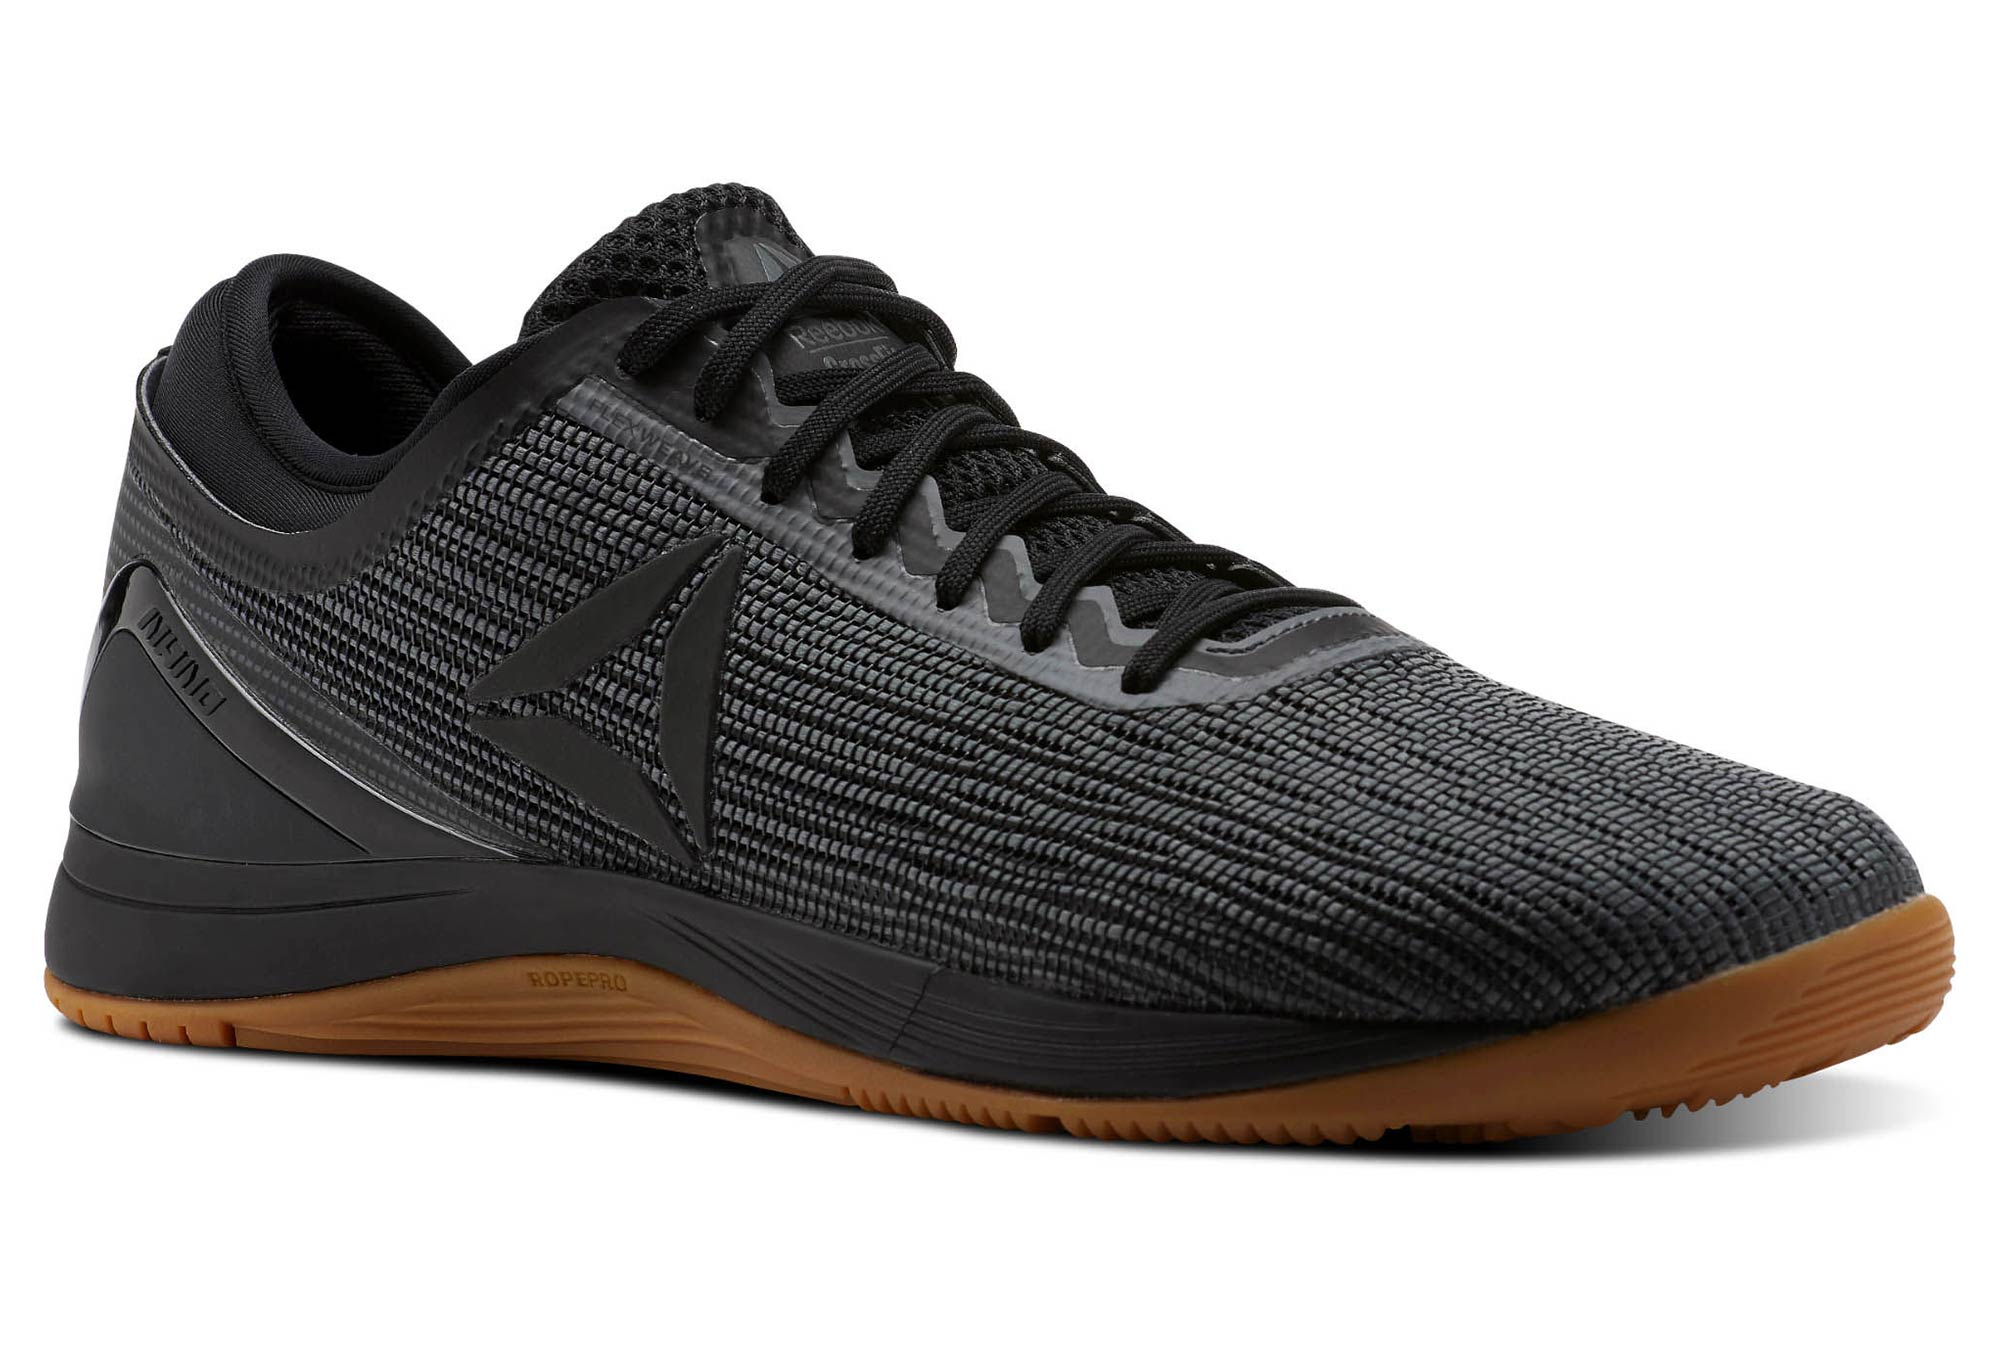 Zapatos 2018 nueva calzado Zapatillas de Cross Training Reebok Nano 8 Flexweave Negro Beige